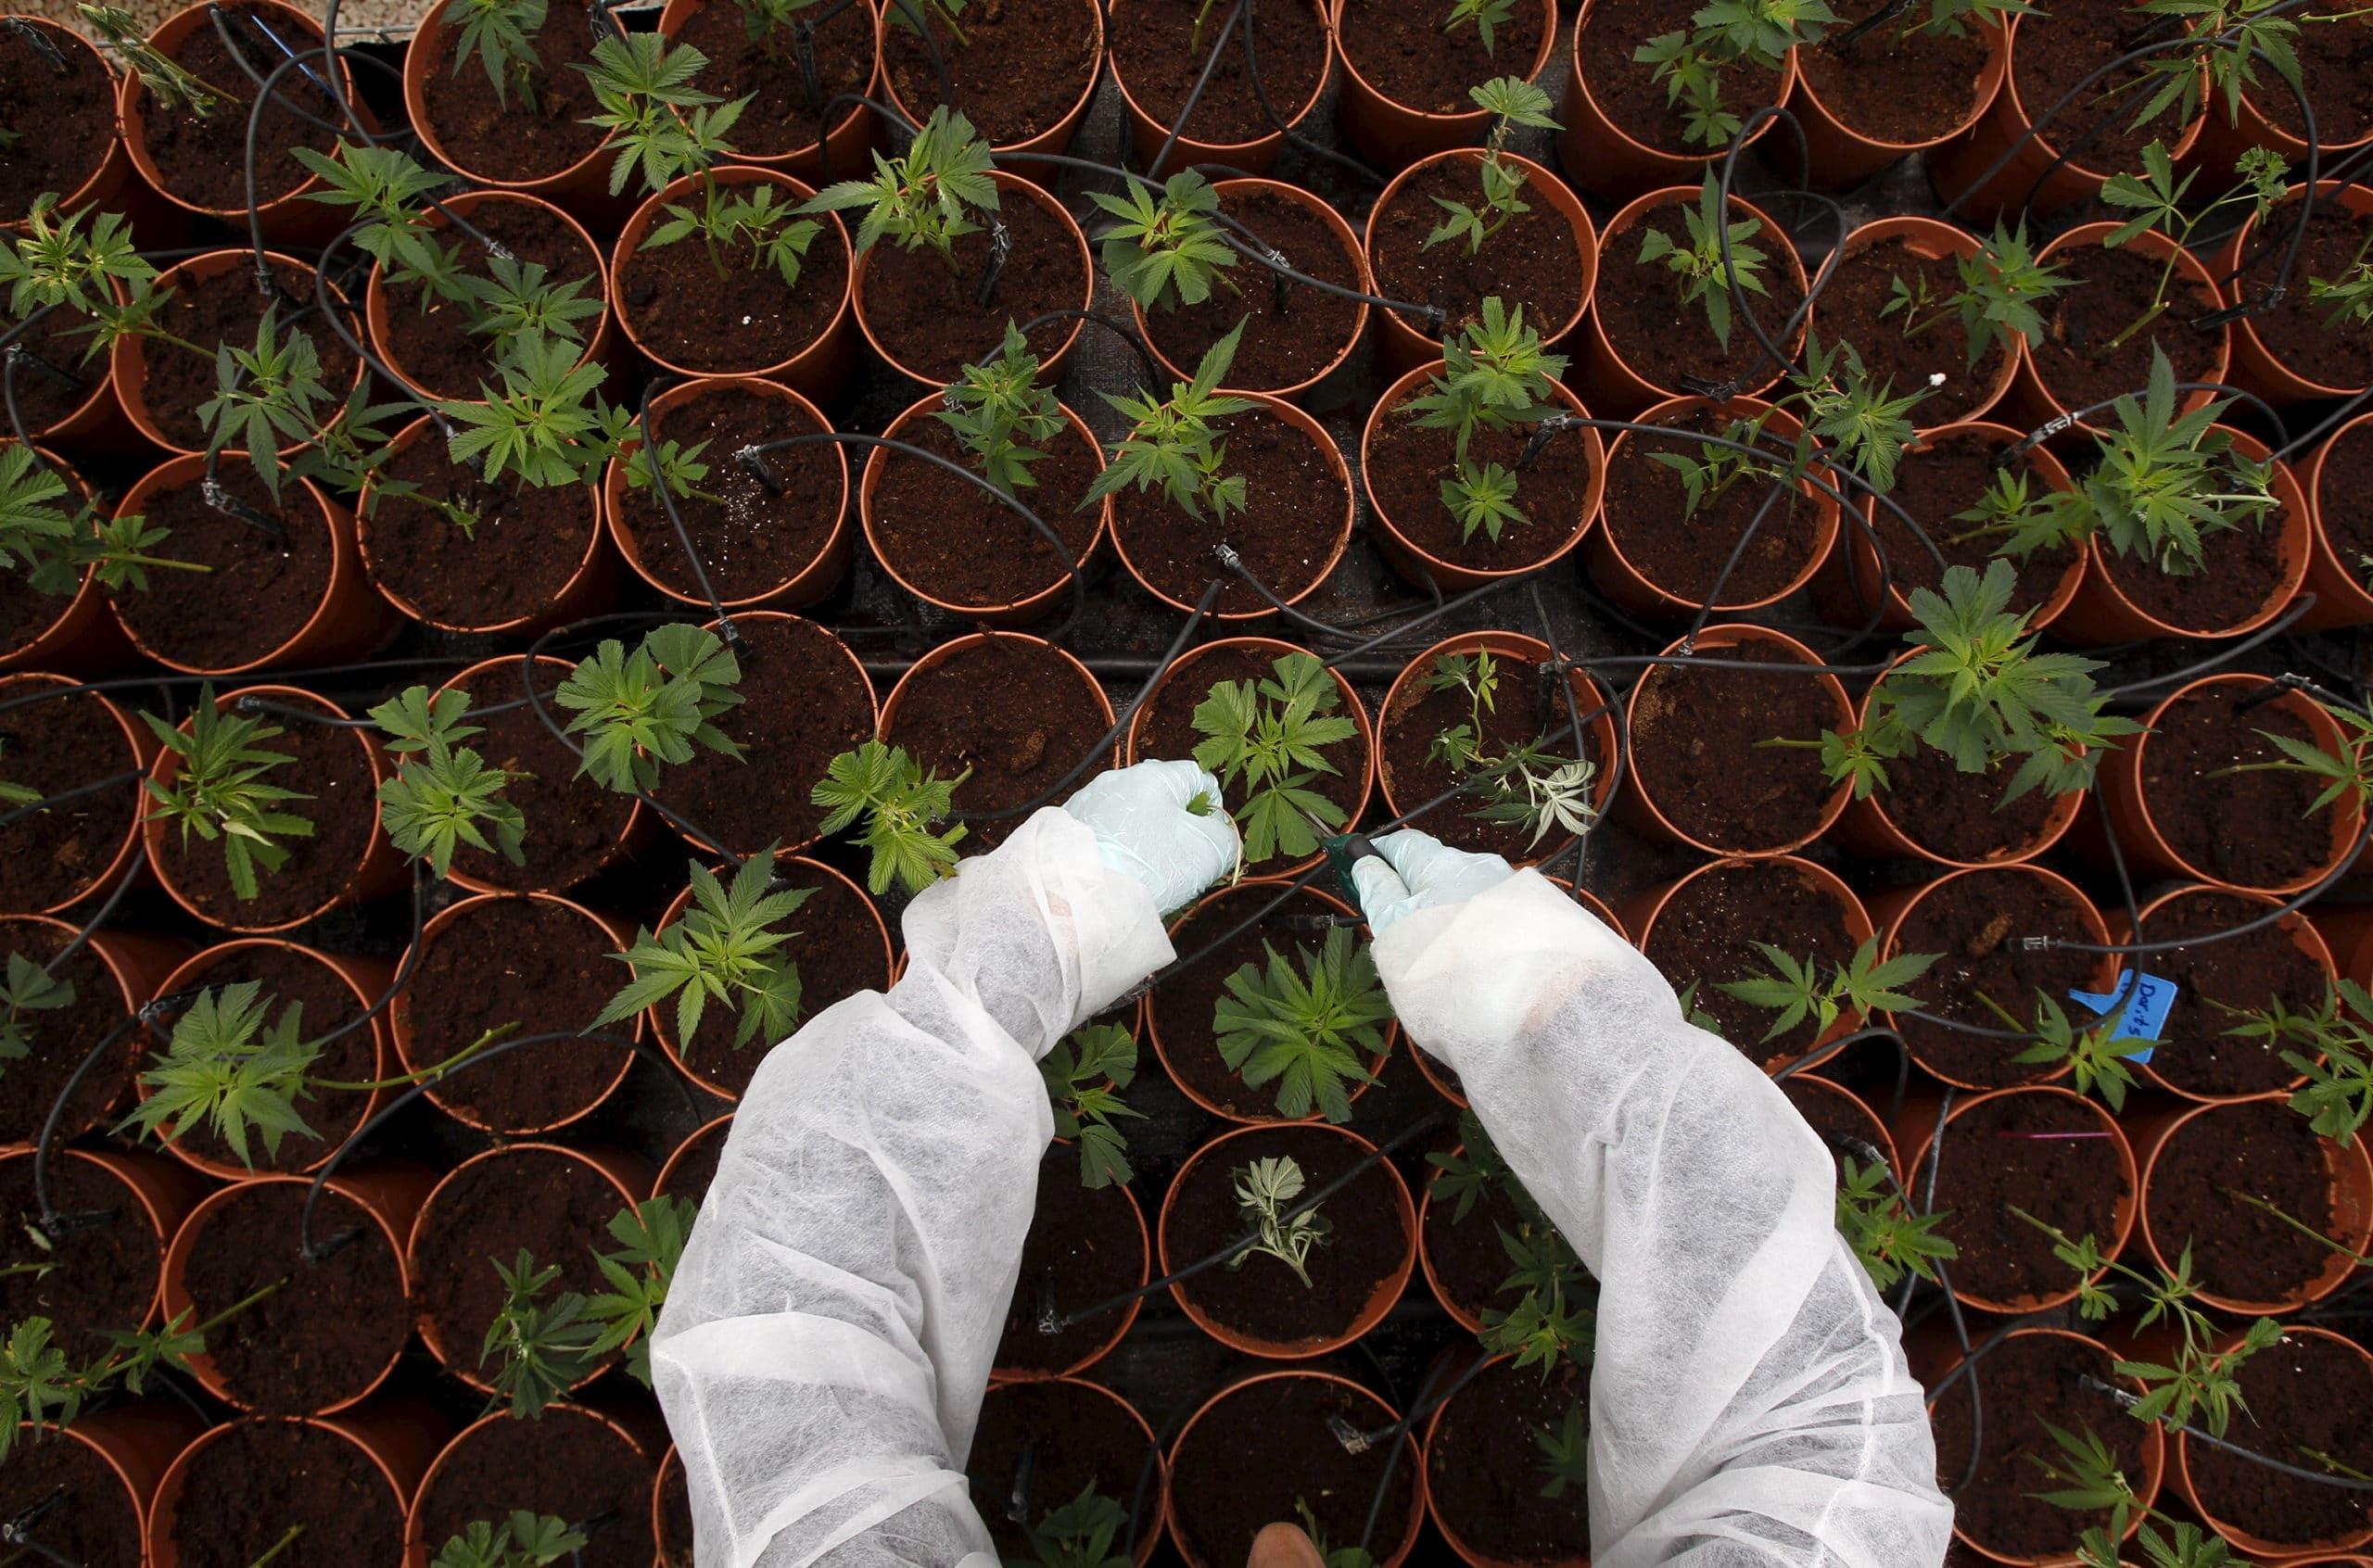 jean-marie-le-guen-pour-une-autorisation-selective-du-cannabis 20170621081020